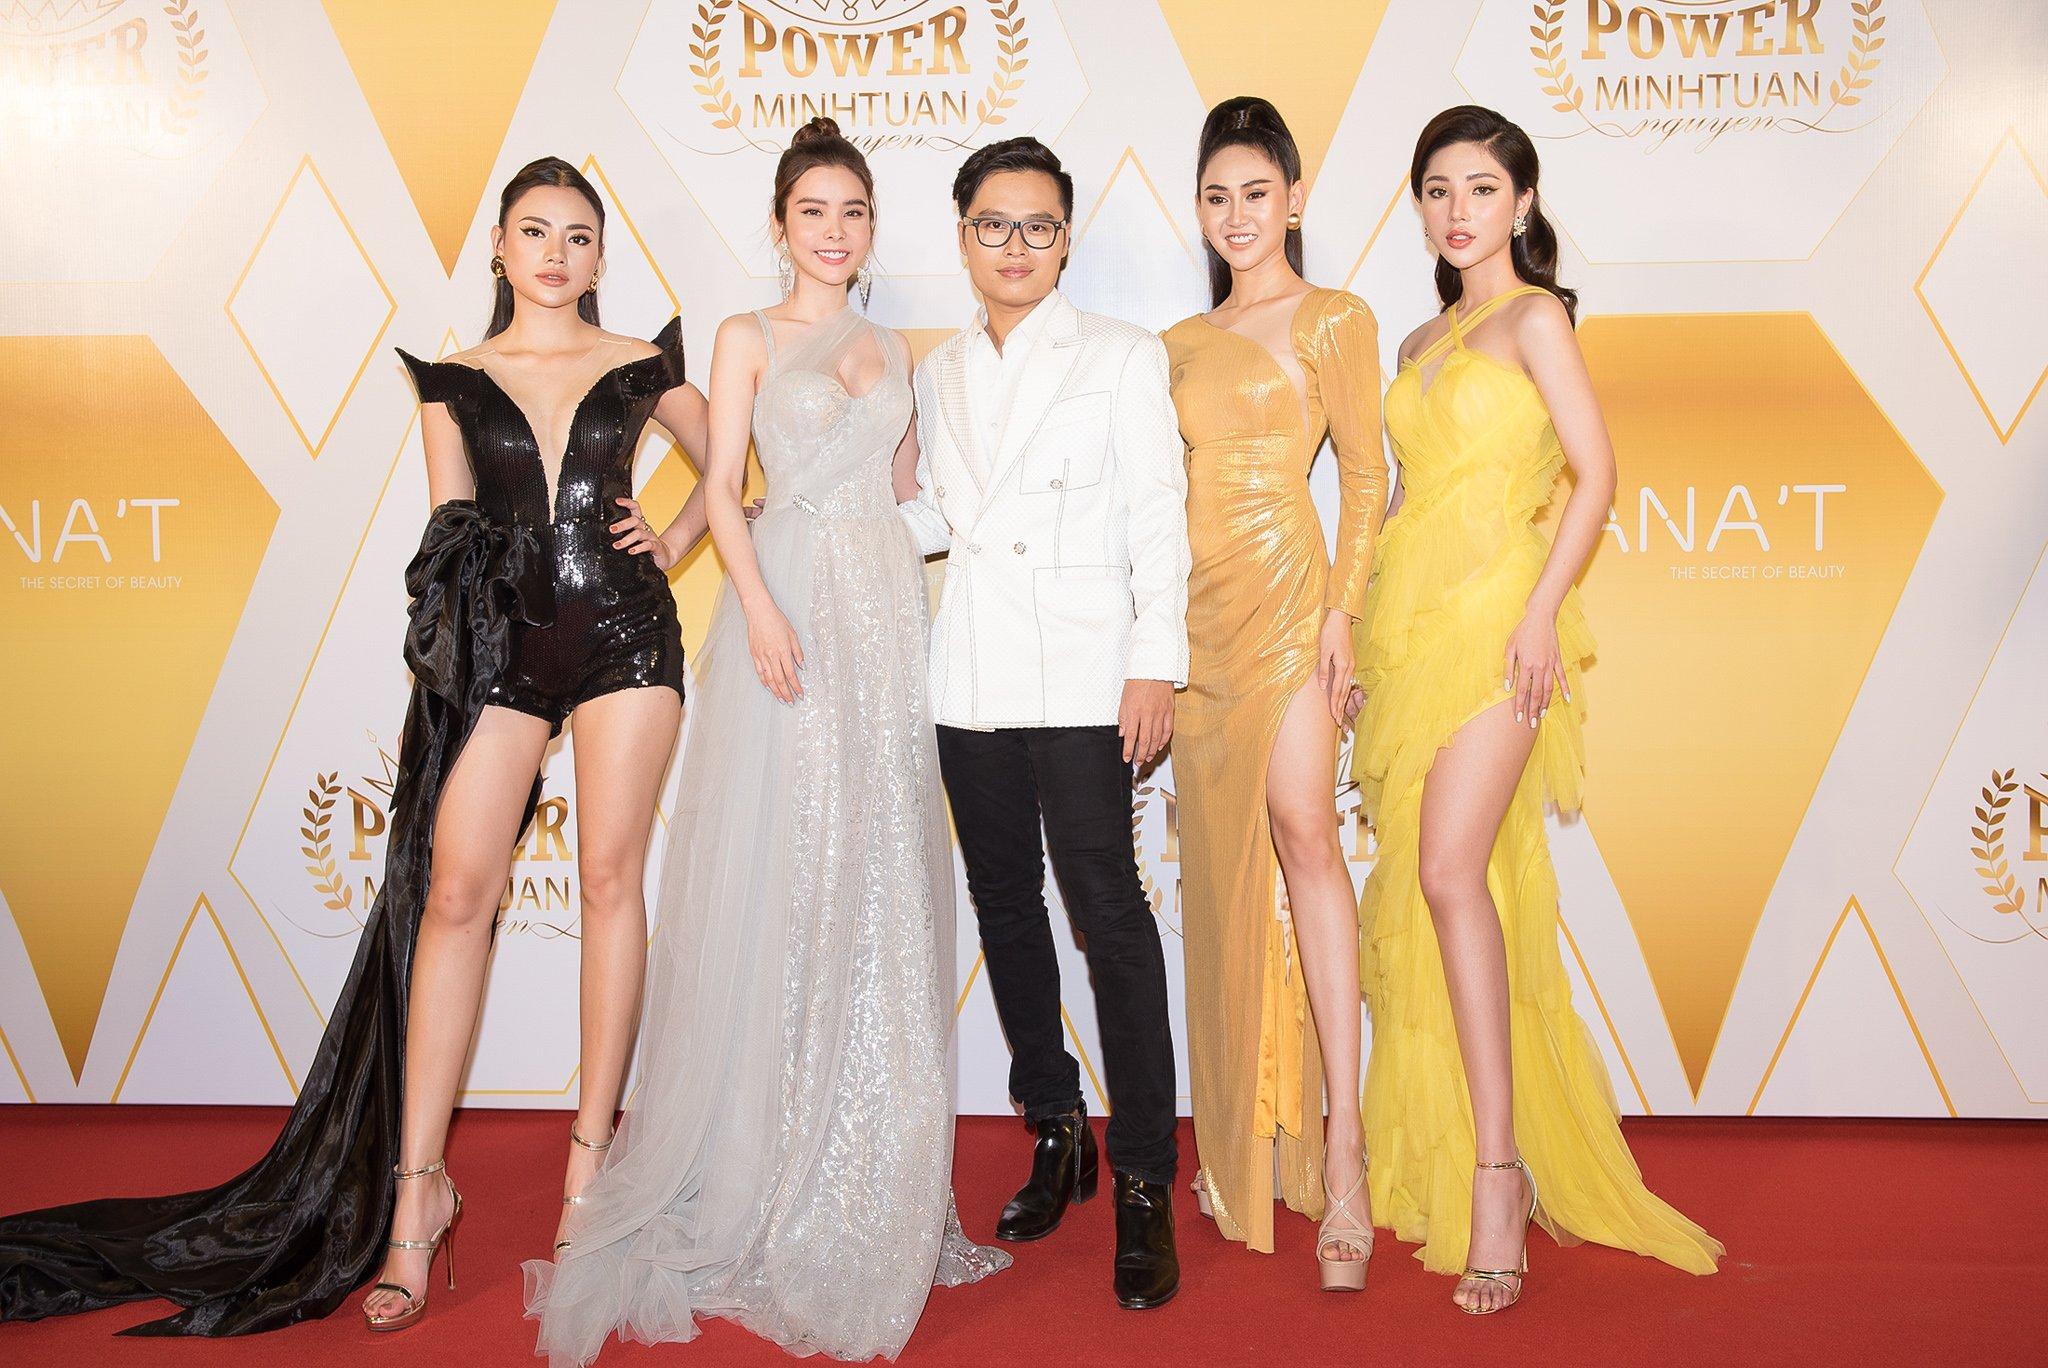 Tân Hoa hậu sinh năm 99 Mỹ Huyền khoe dáng nóng bỏng đi sự kiện 6